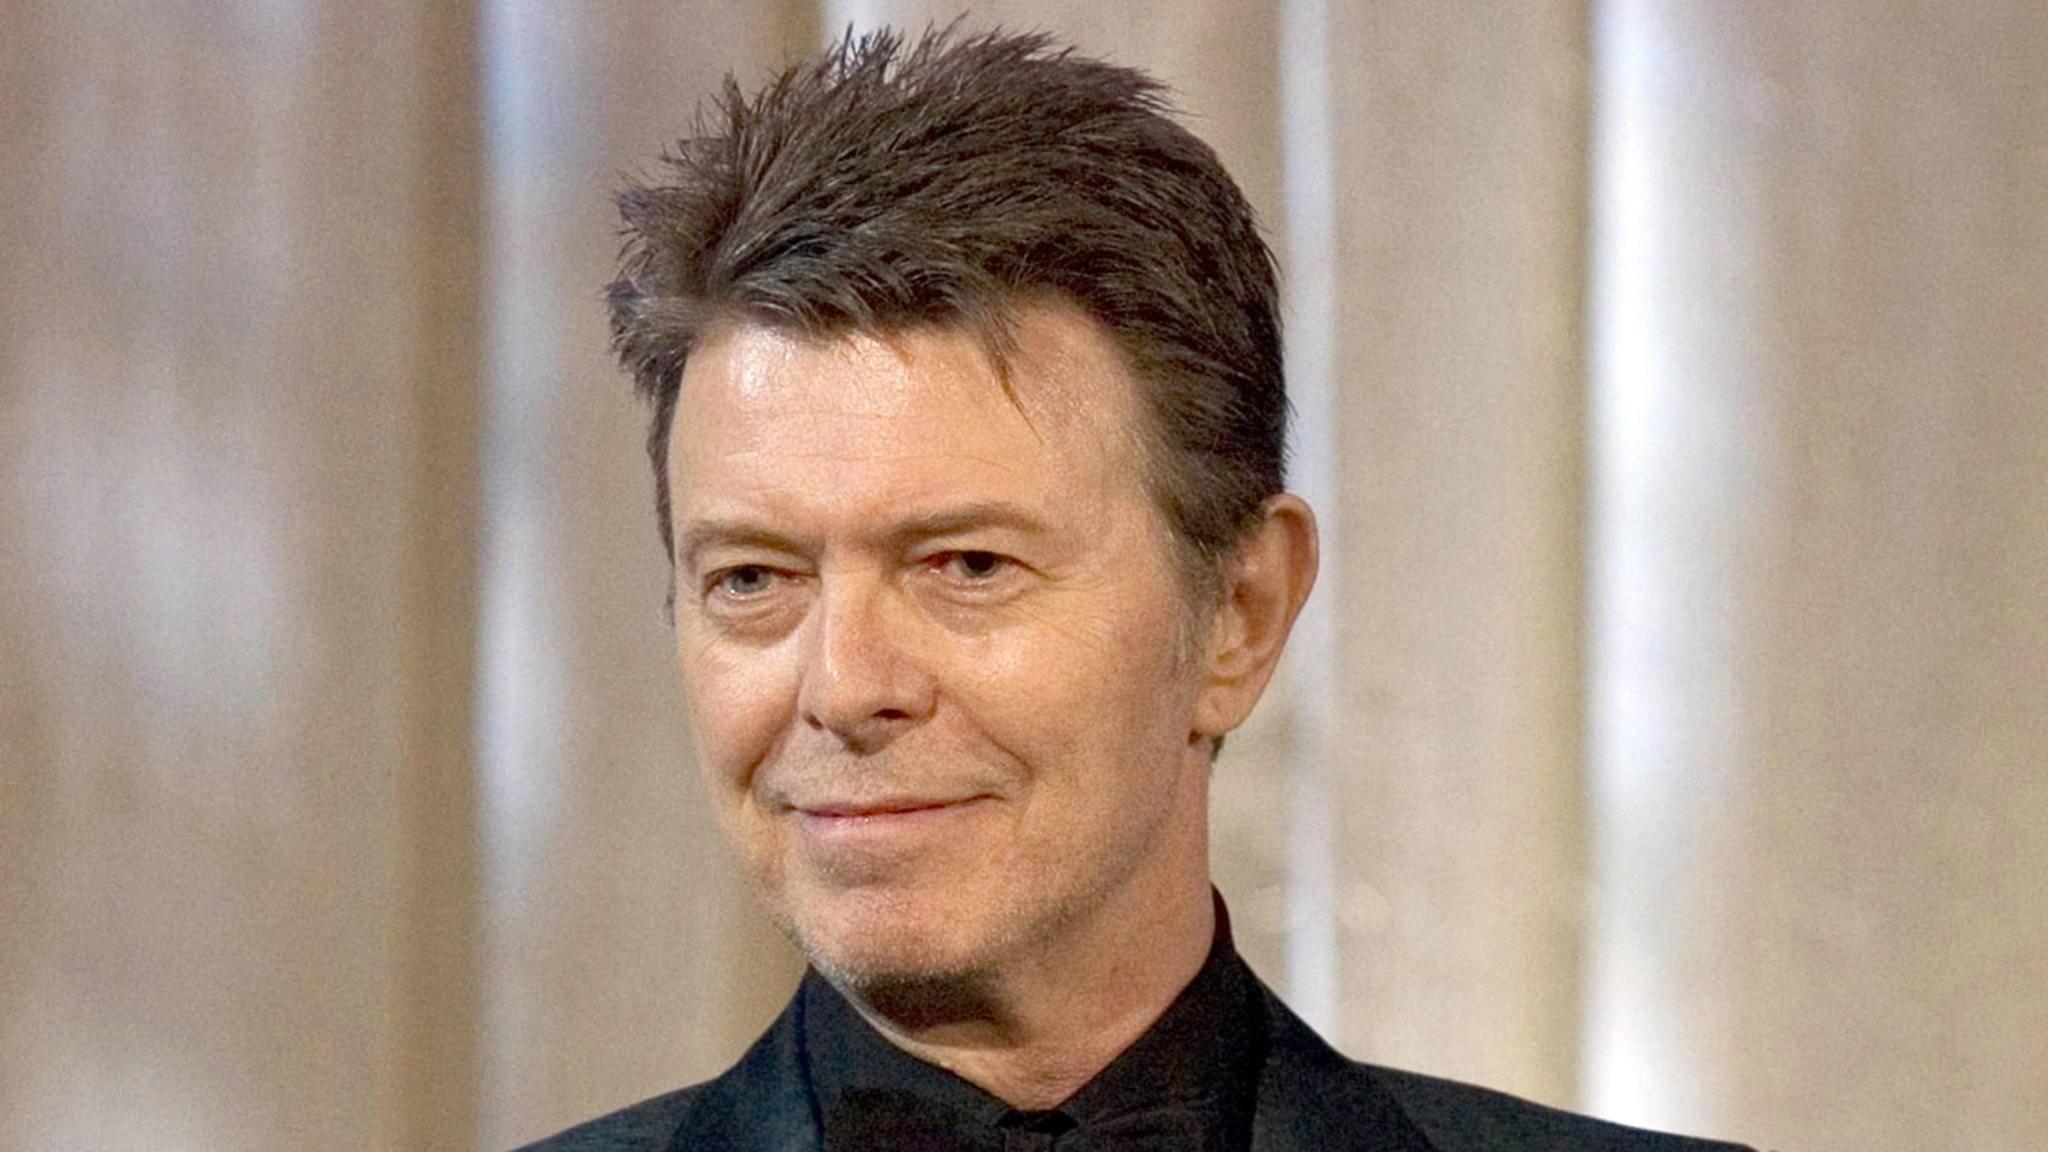 David Bowie verstarb am 10. Januar 2016, nur zwei Tage nach seinem Geburtstag. Nun gibt es wieder Musik von dem Ausnahmekünstler.